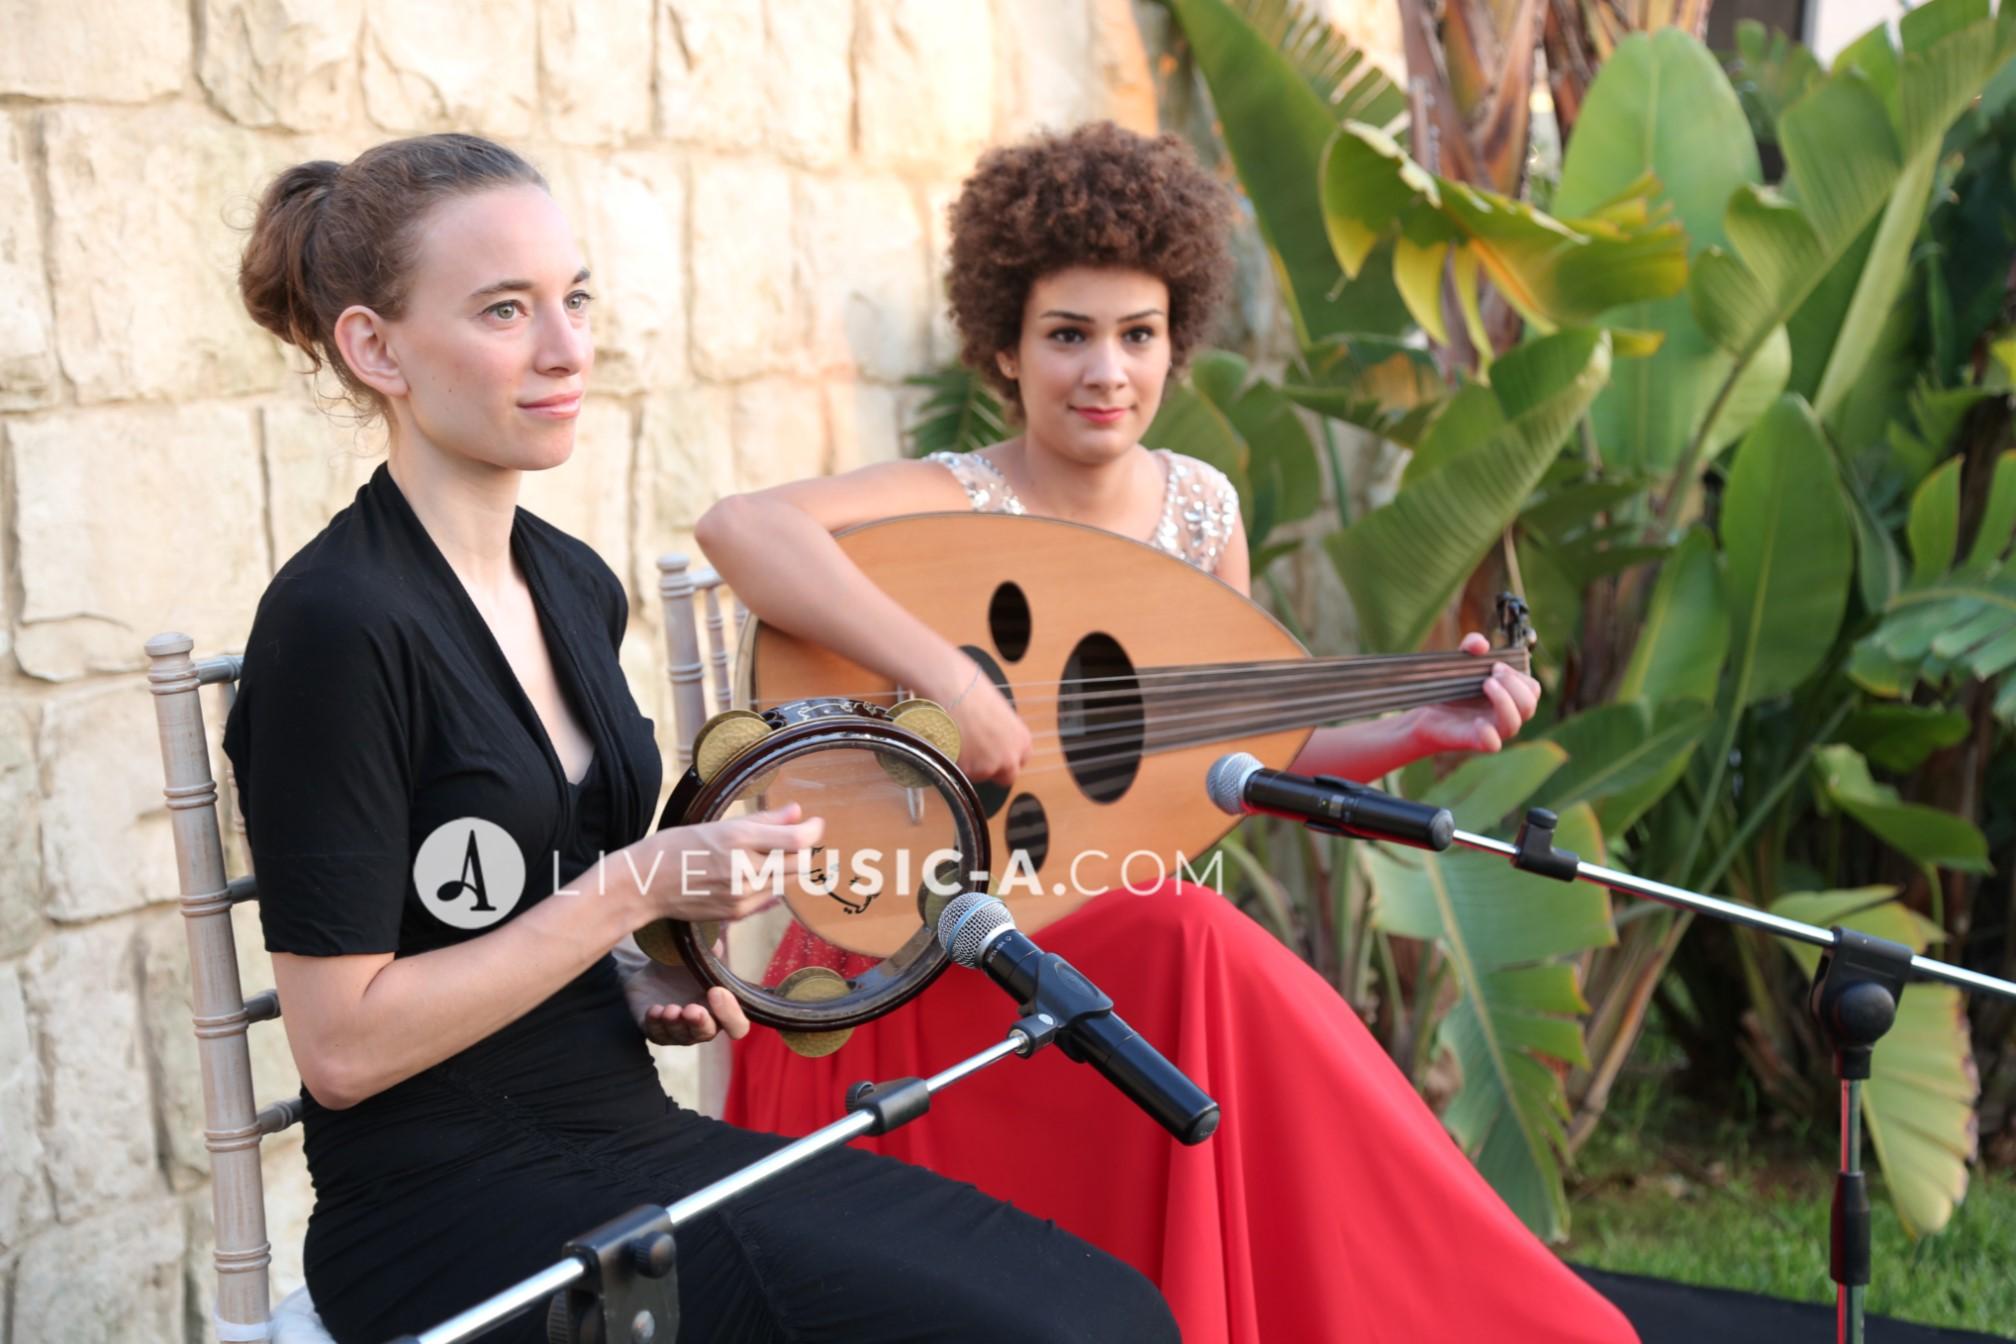 Oud & Riq - Female Duo